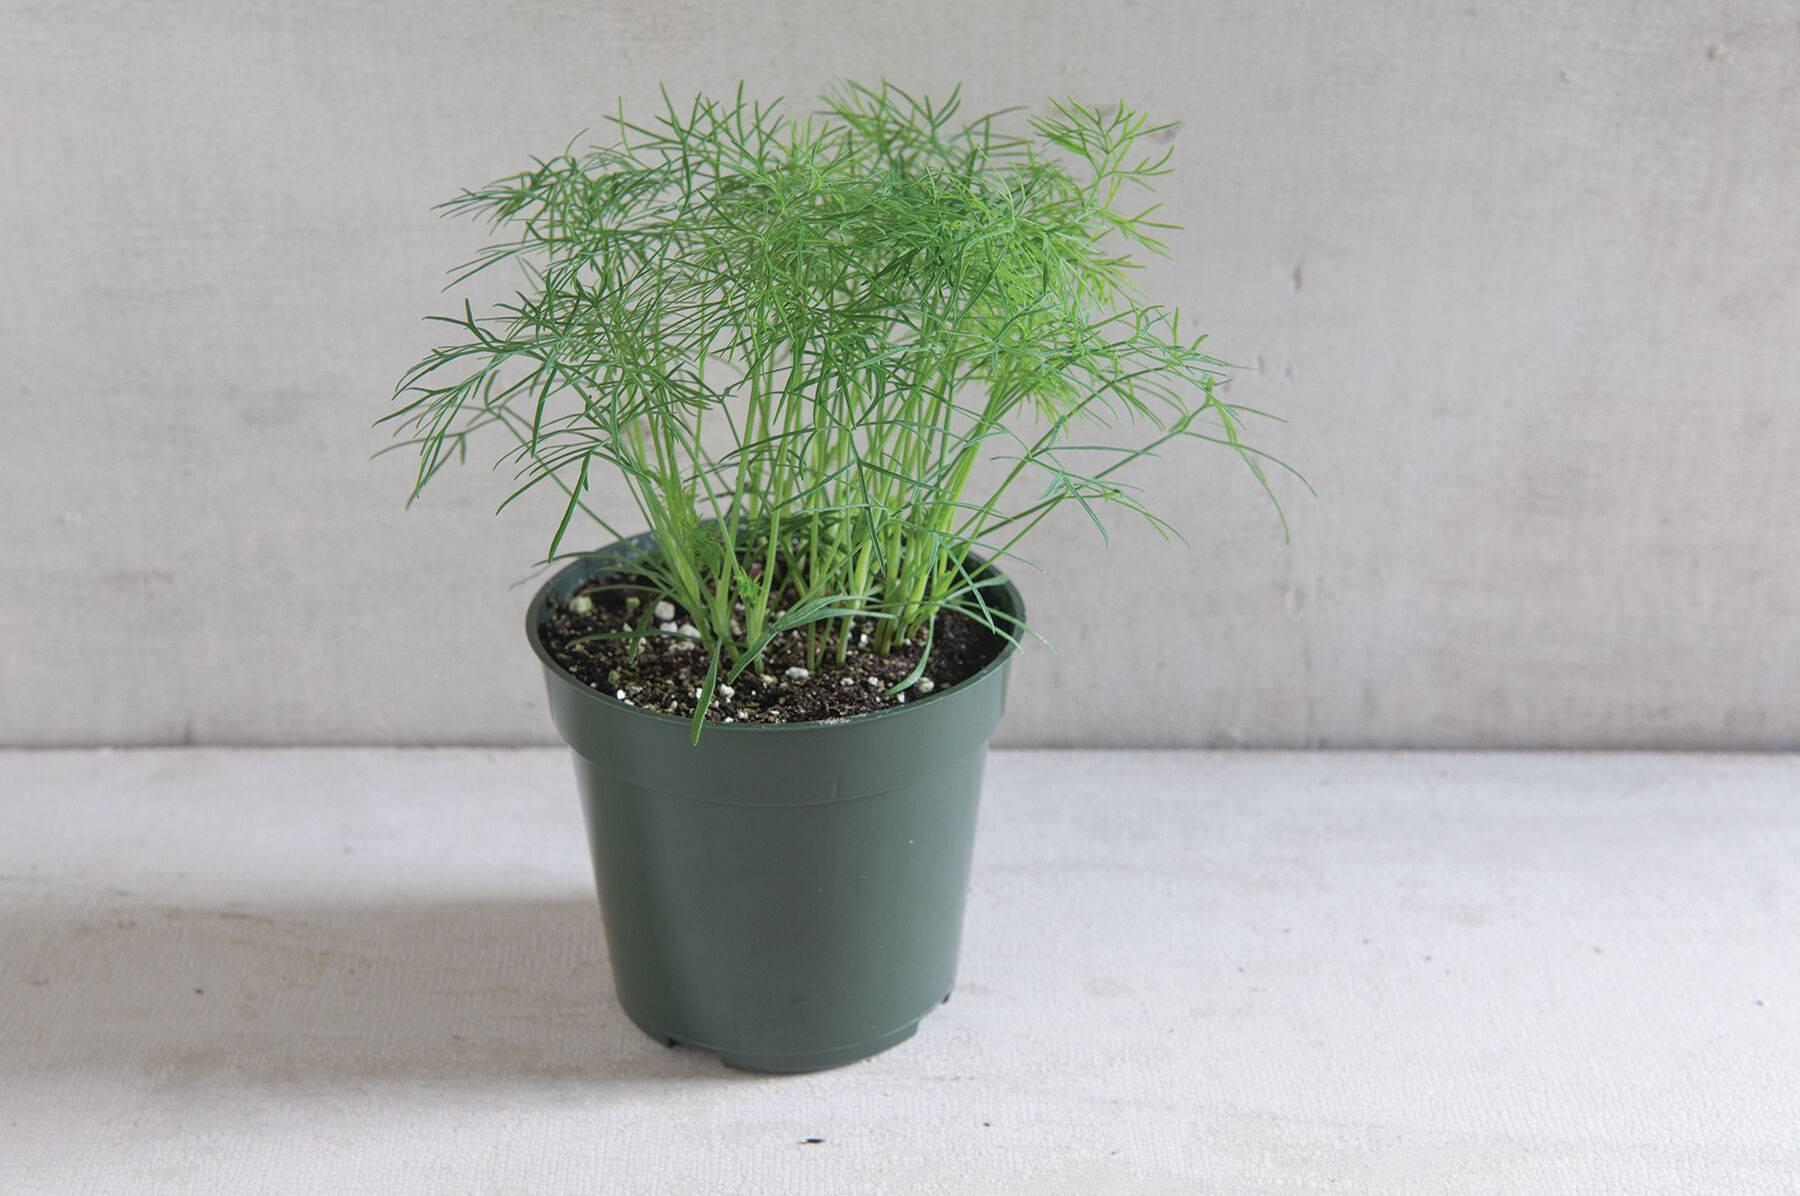 Выращивание укропа на подоконнике из семян: как посадить дома в квартире в горшке, можно ли зимой, сколько растет в этих условиях, почему лучше не сеять ранний сорт?